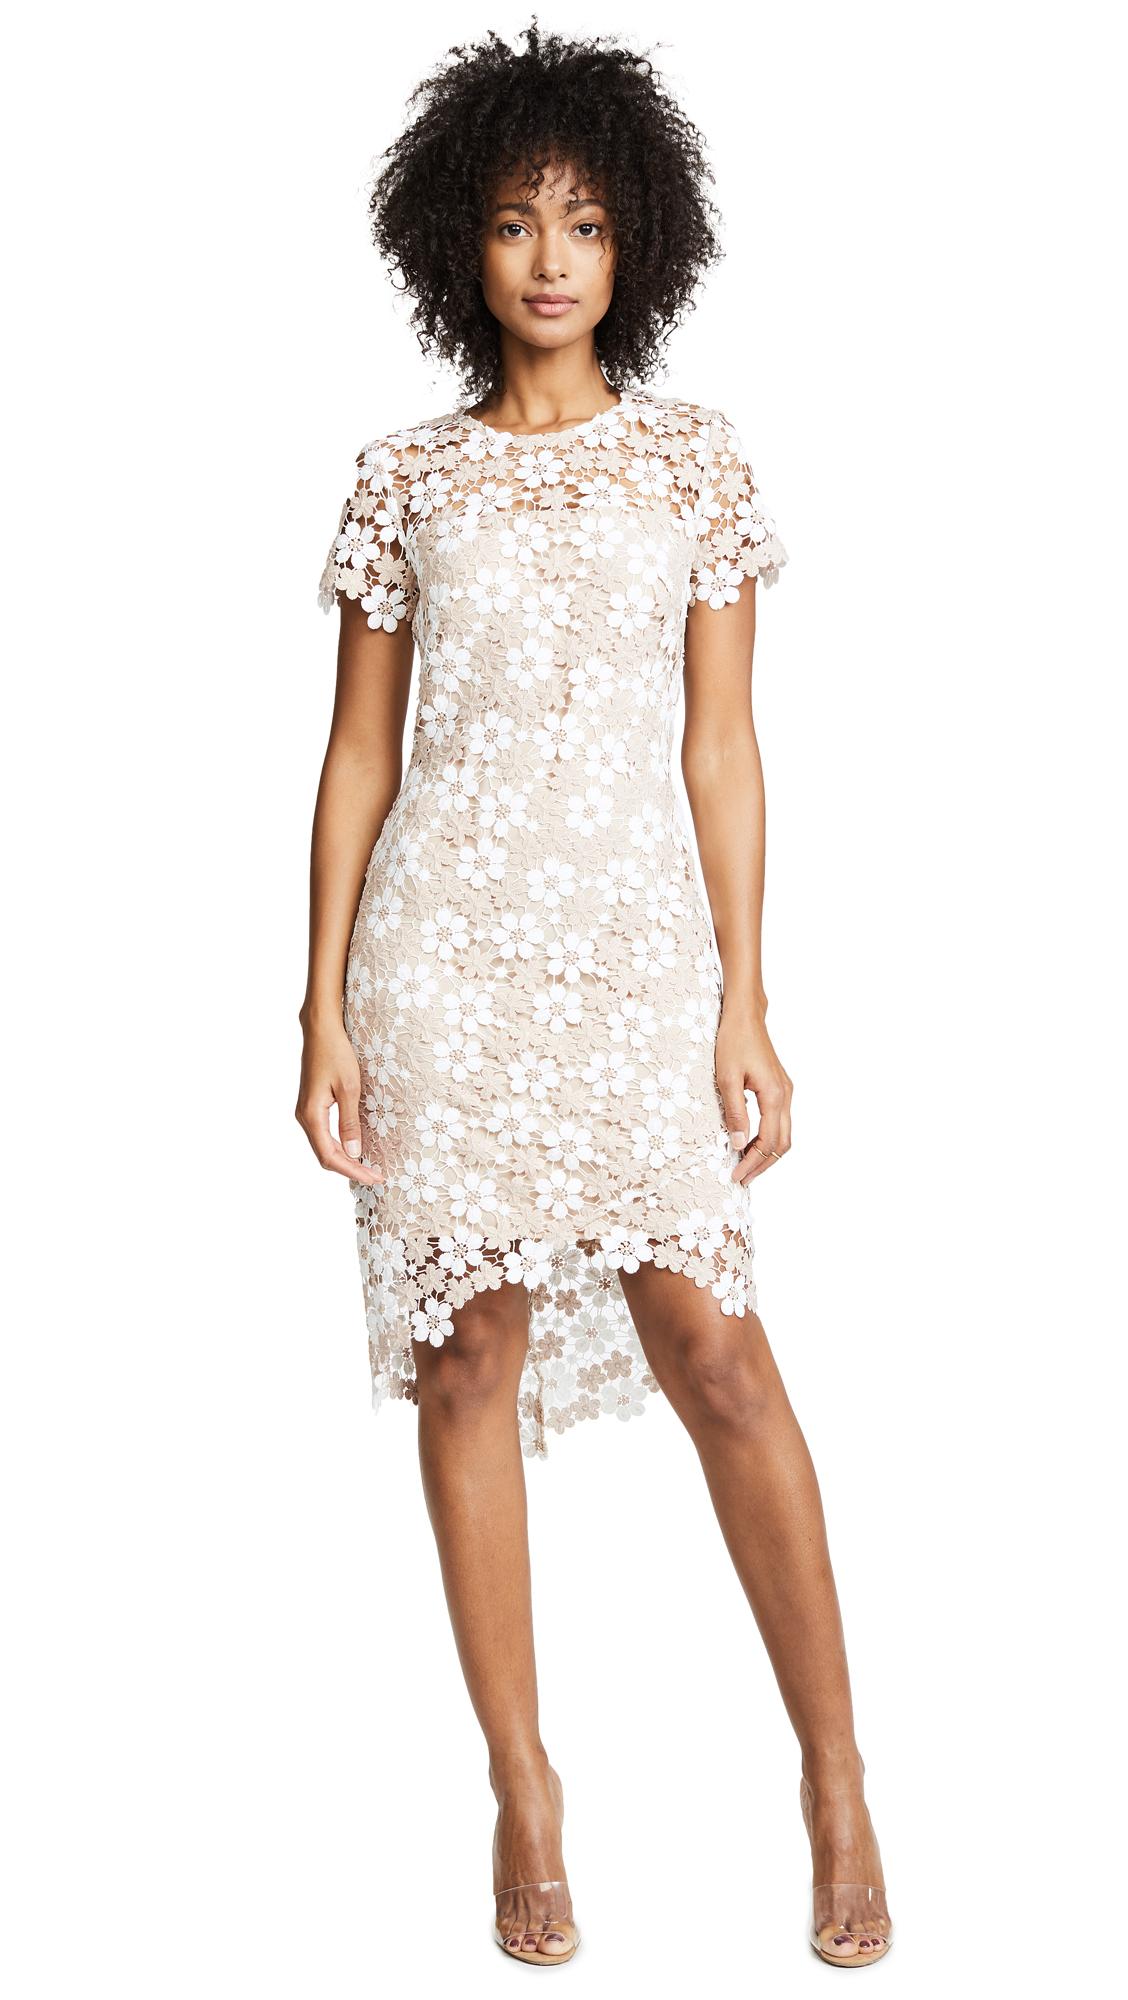 Shoshanna Baylor Dress